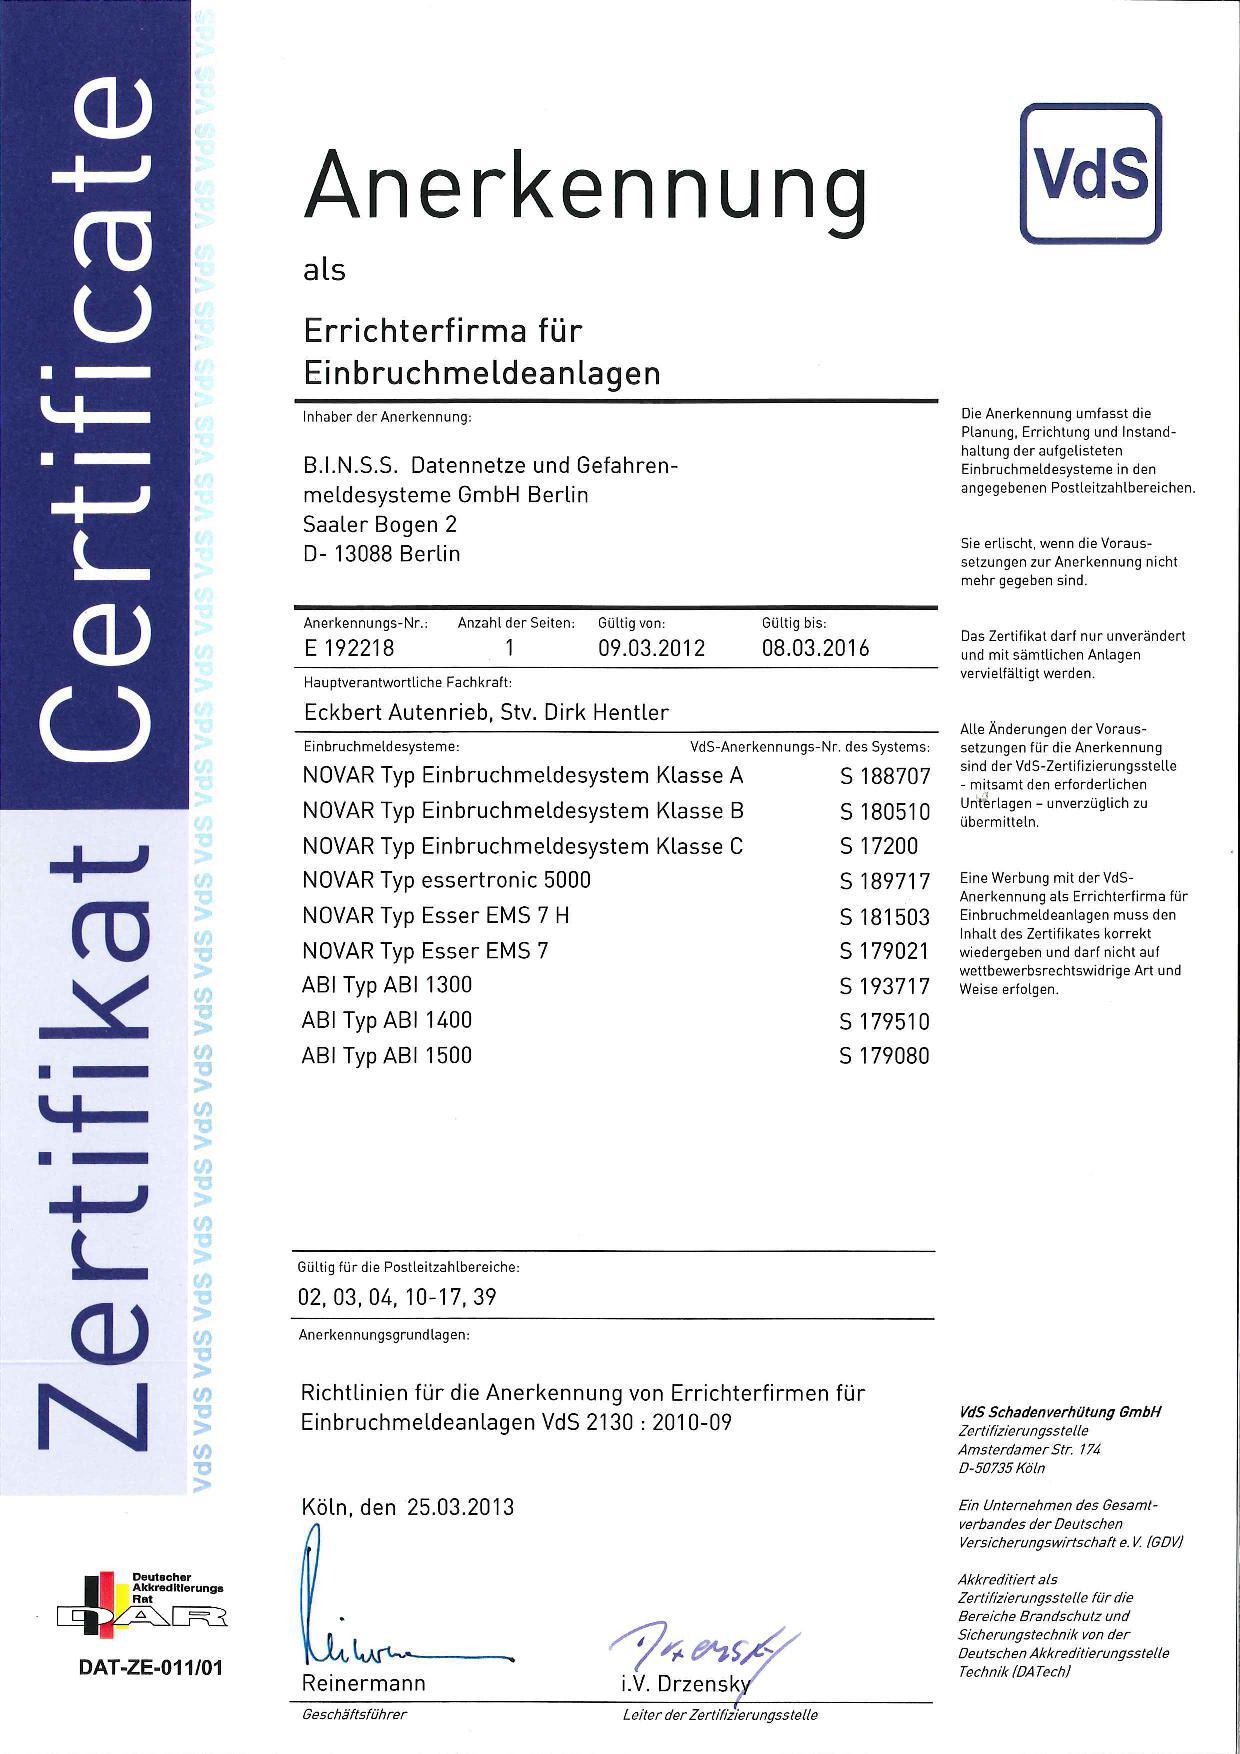 VDS Anerkennung Errichterfirma EMA